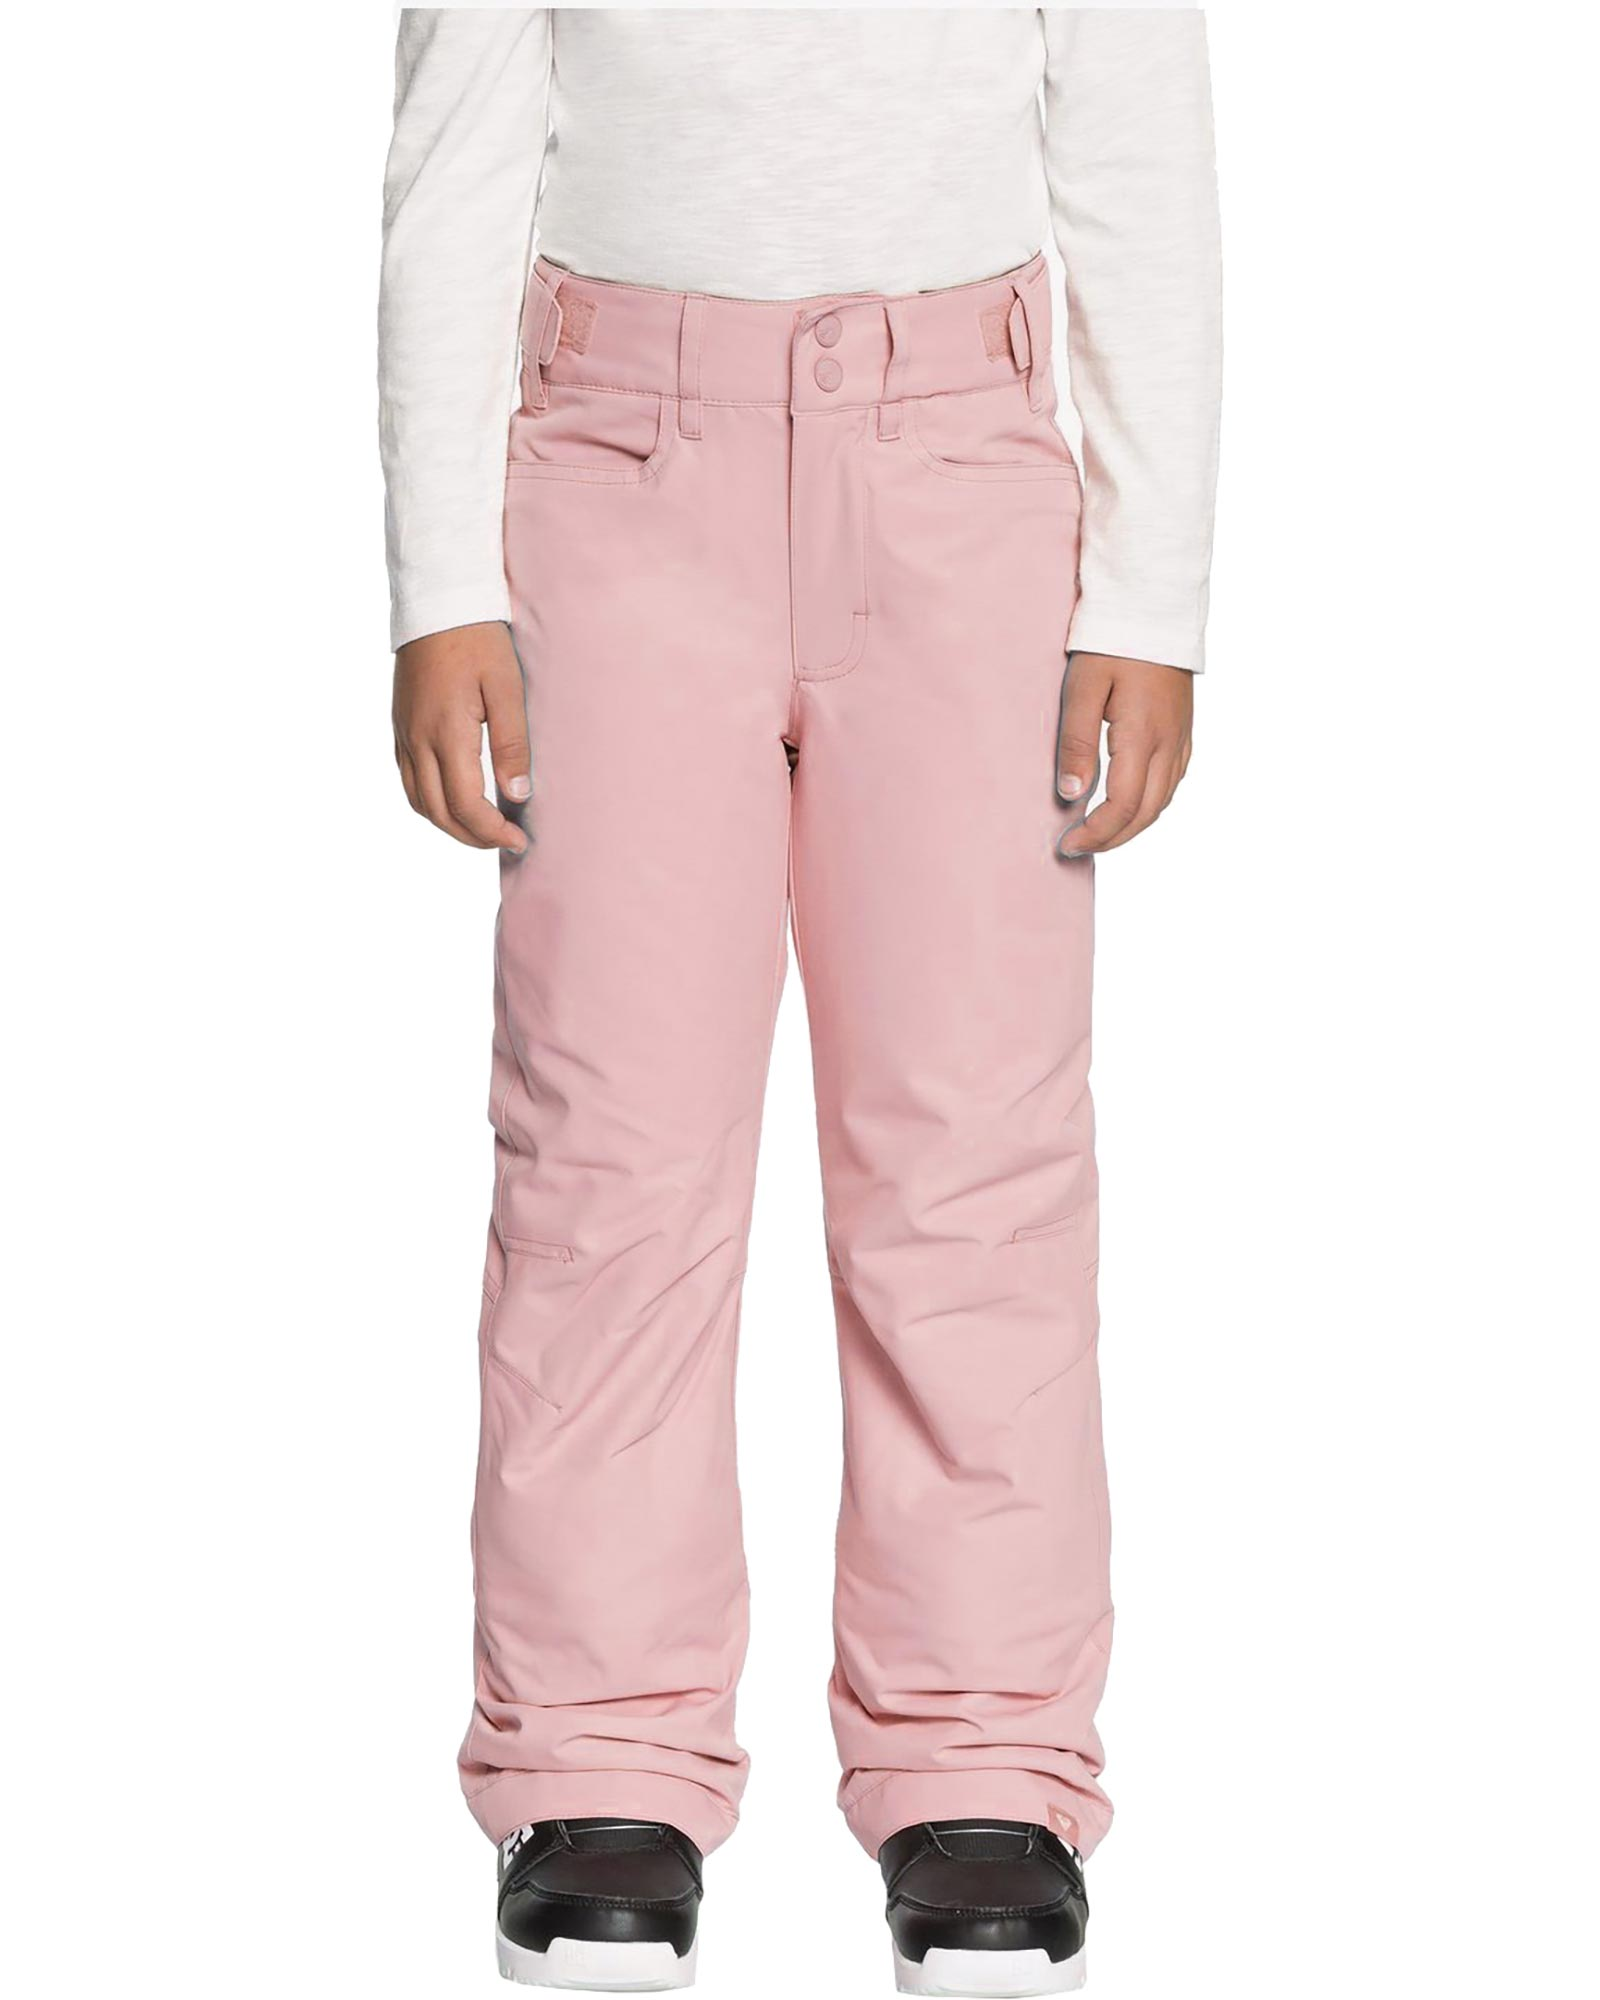 Product image of Roxy Backyard Girls' Pants